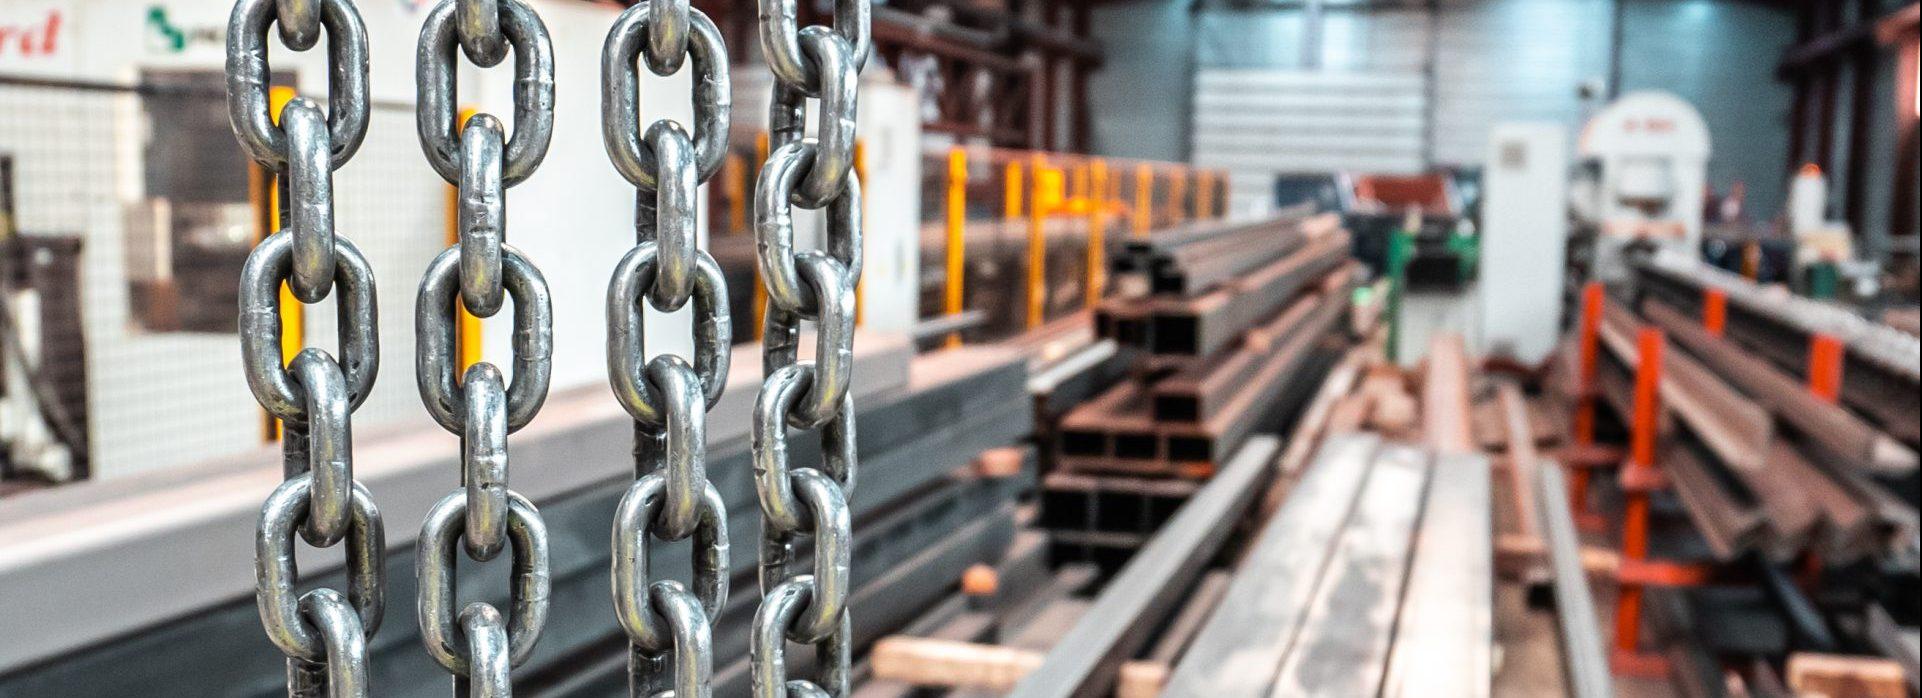 Flexible steel fabrication software